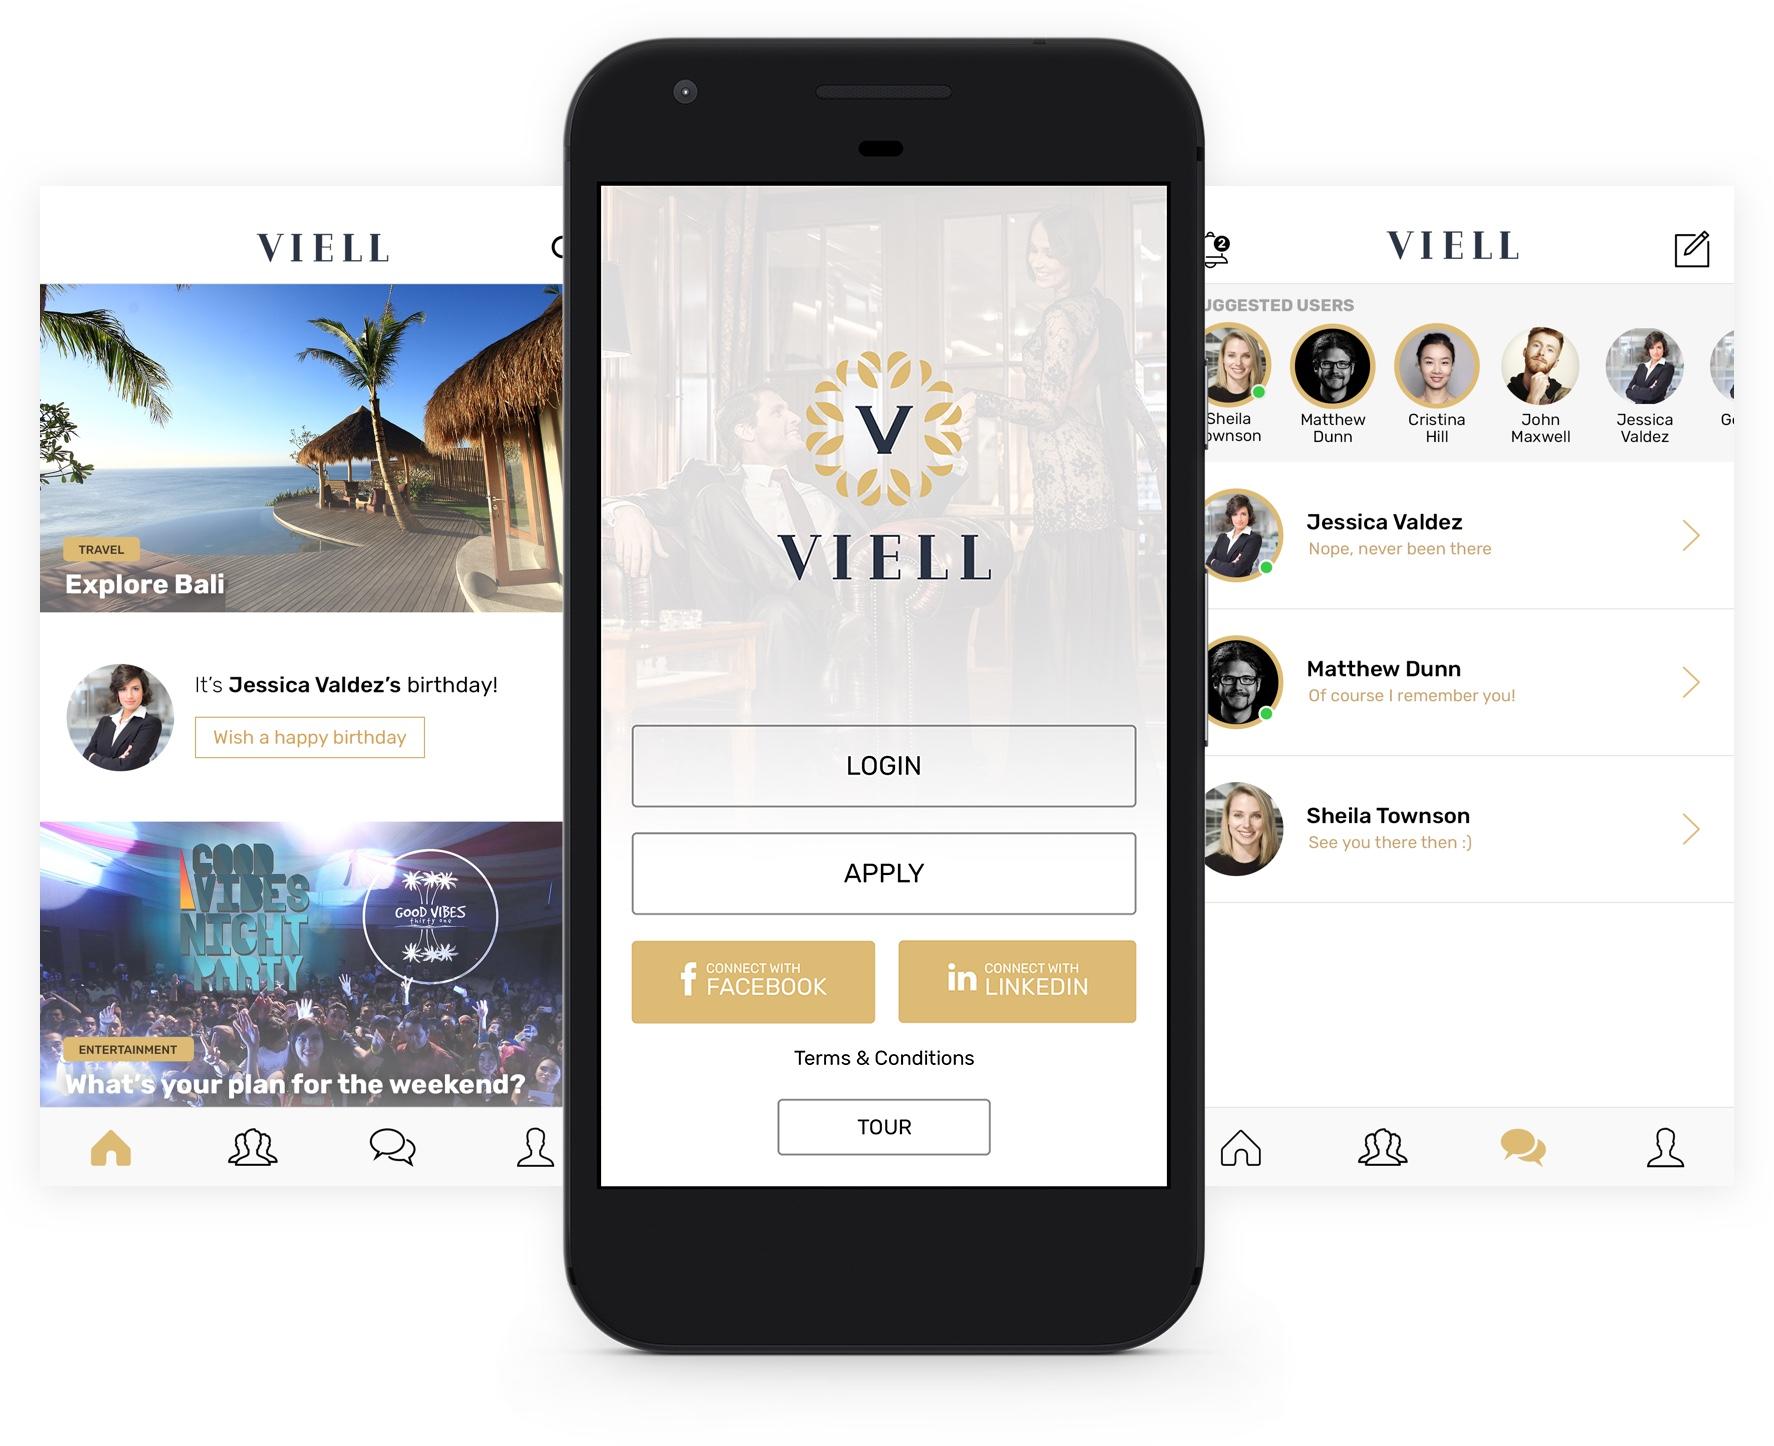 Profesyoneller, sanatçılar, girişimciler ve tasarımcılar gibi seçkin üyeleri içinde barındıran, kitlesi geniş, kendi içerisinde segmentlere ayrılmış sosyal bir kulüp olan Viell, mobil uygulamasını yayınladı.